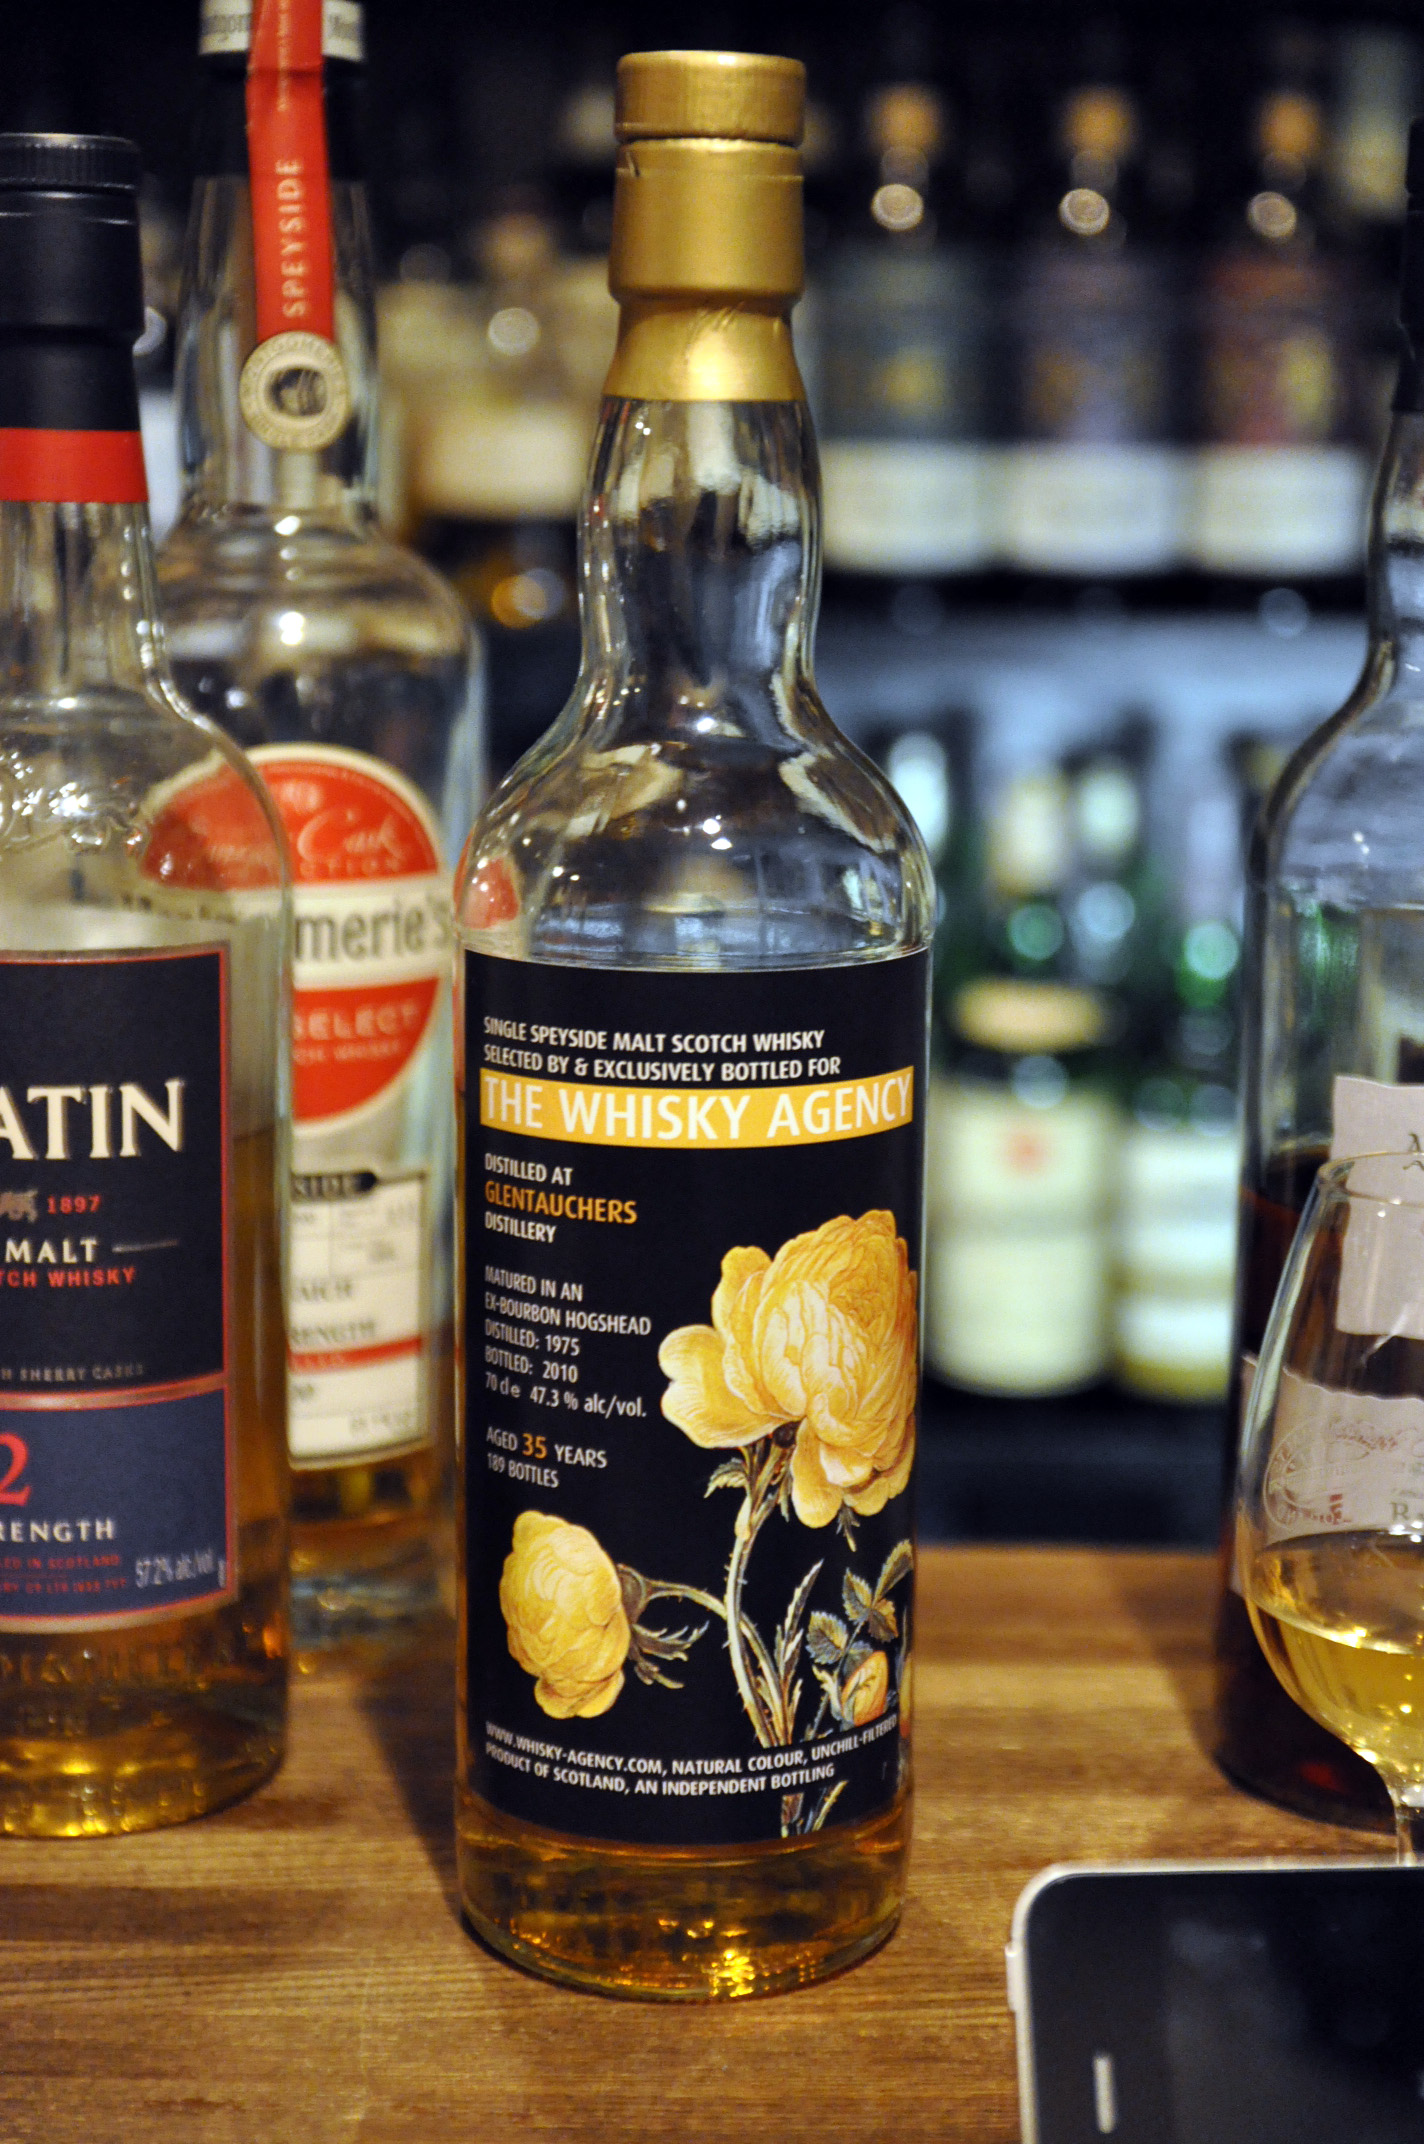 """グレントファース(グレンタウチャーズ) Glentauchers 35yo 1975/2010 (47.3%, The Whisky Agency, """"Still Lifes I """", 189bts, Ex-Bourbon Hogshead)"""